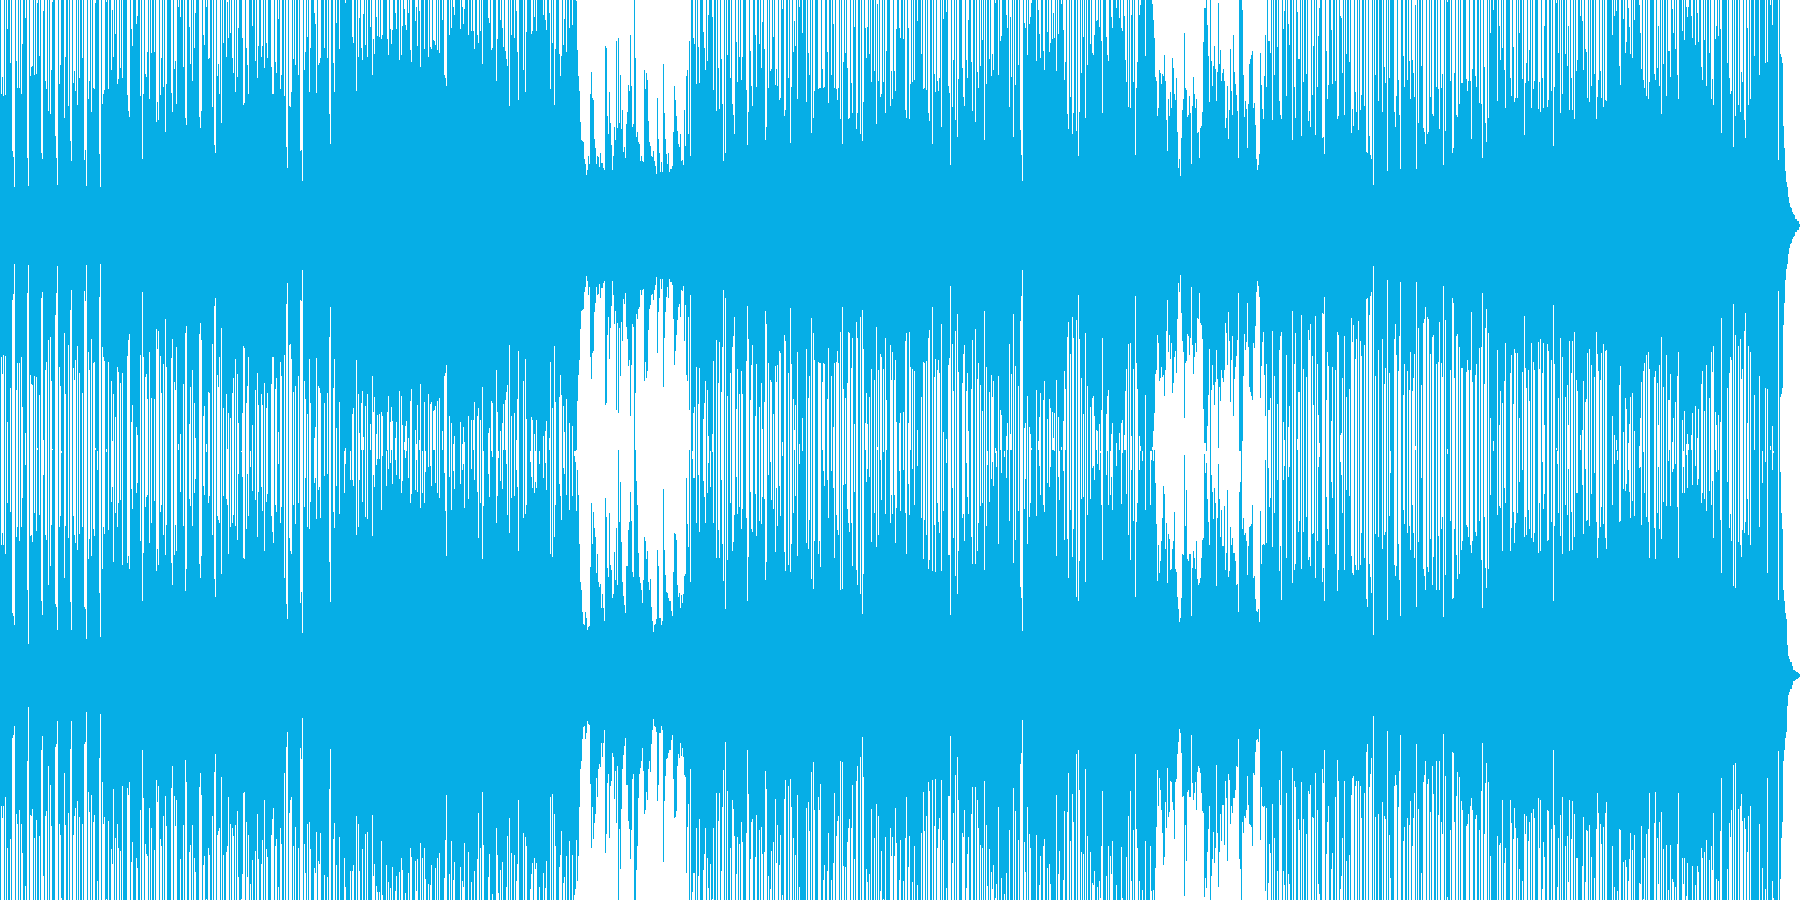 都会的イメージBGMの再生済みの波形